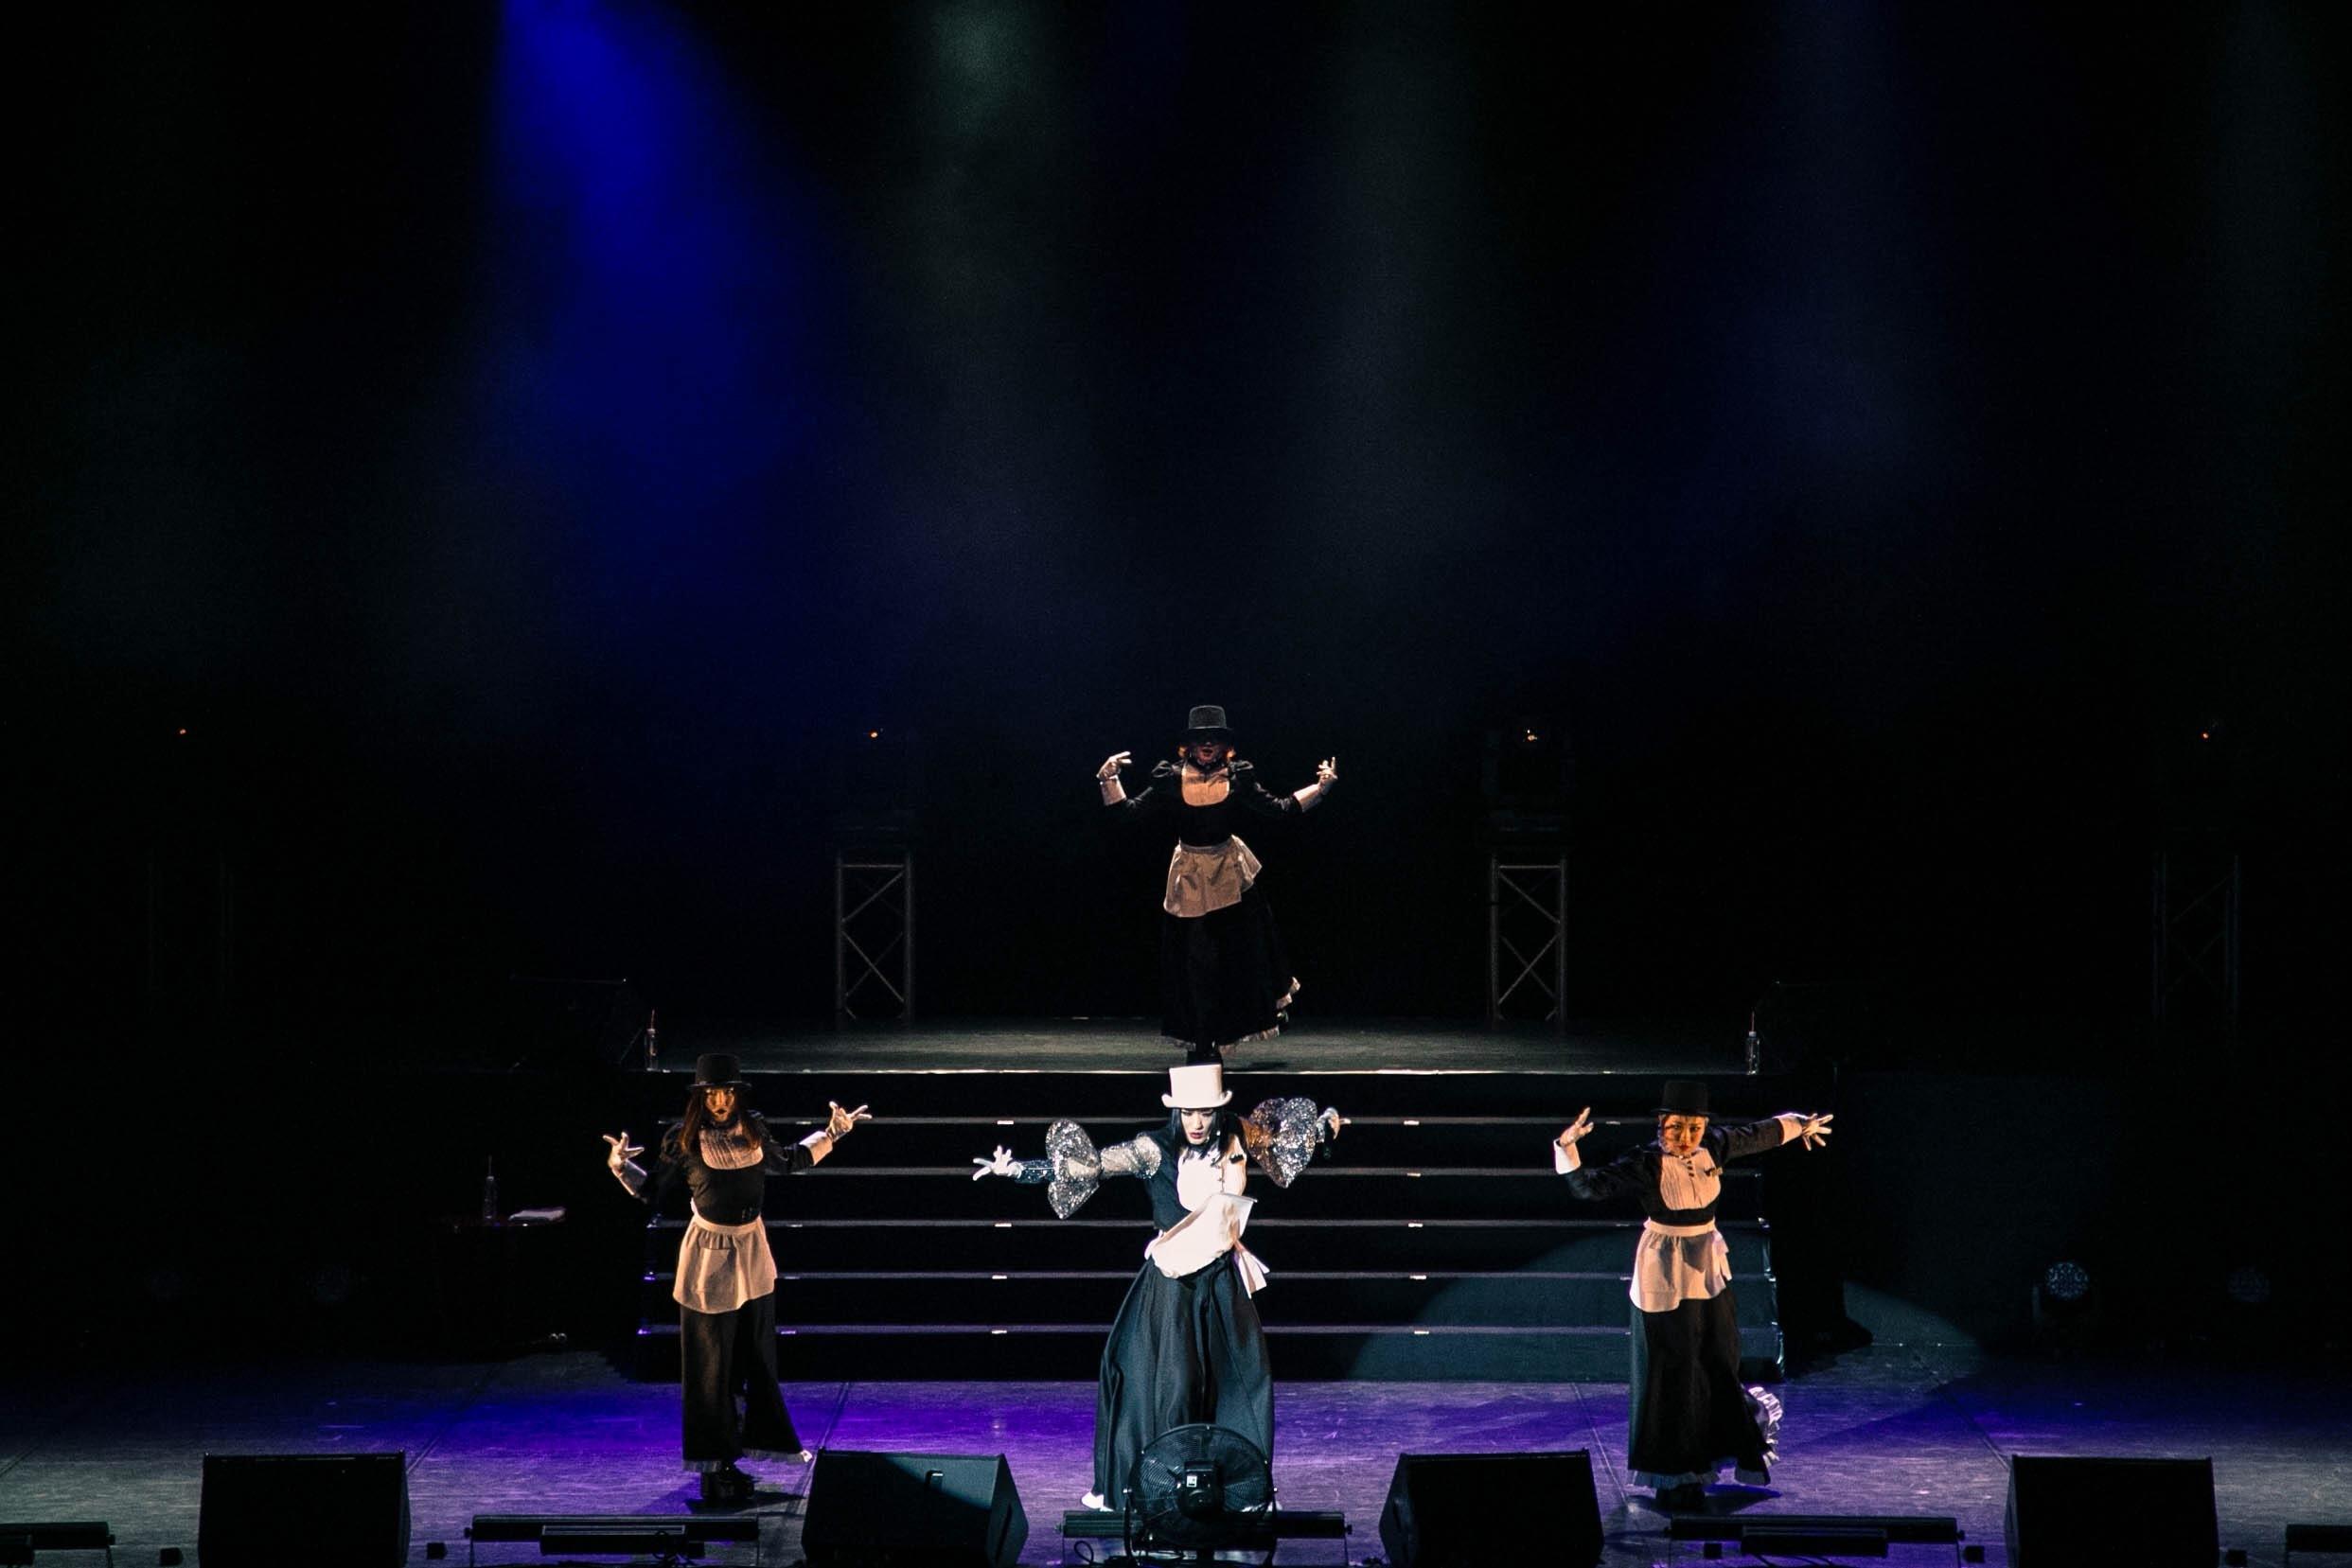 2018年12月20日 中央民族歌舞団民族劇院 北京公演の模様